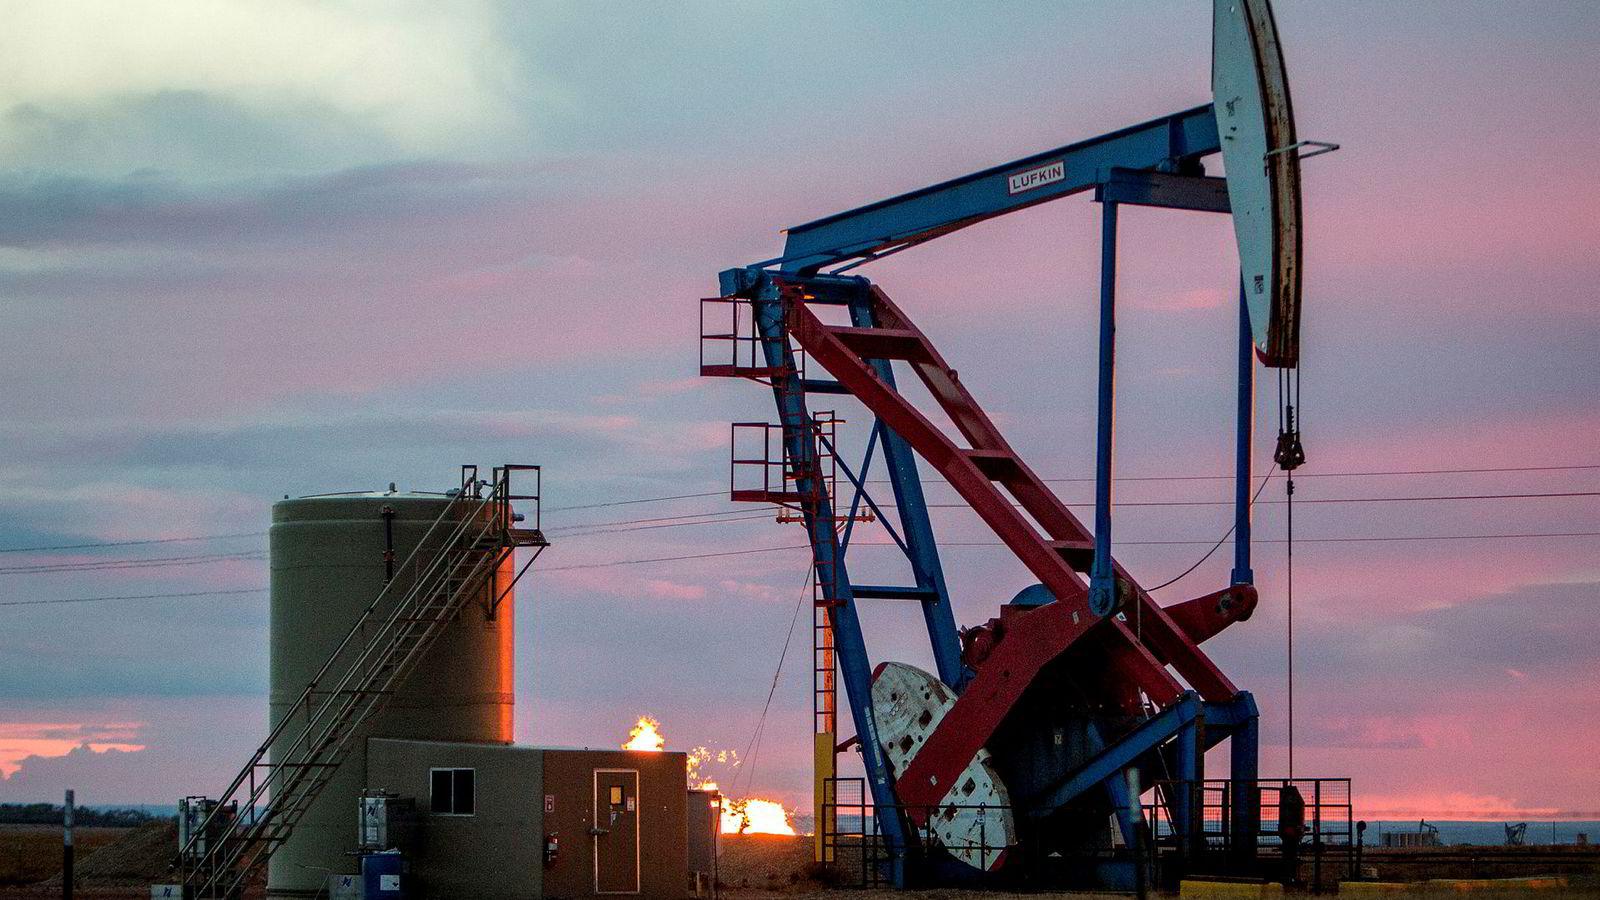 Vår konklusjon er at frackingboomen har involvert mye mer enn en isolert økning av oljeproduksjonen. Den har krevd teknologi, kapital, investering, arbeidskraft og kunnskap i en helt annen skala enn tidligere, skriver artikkelforfatteren.